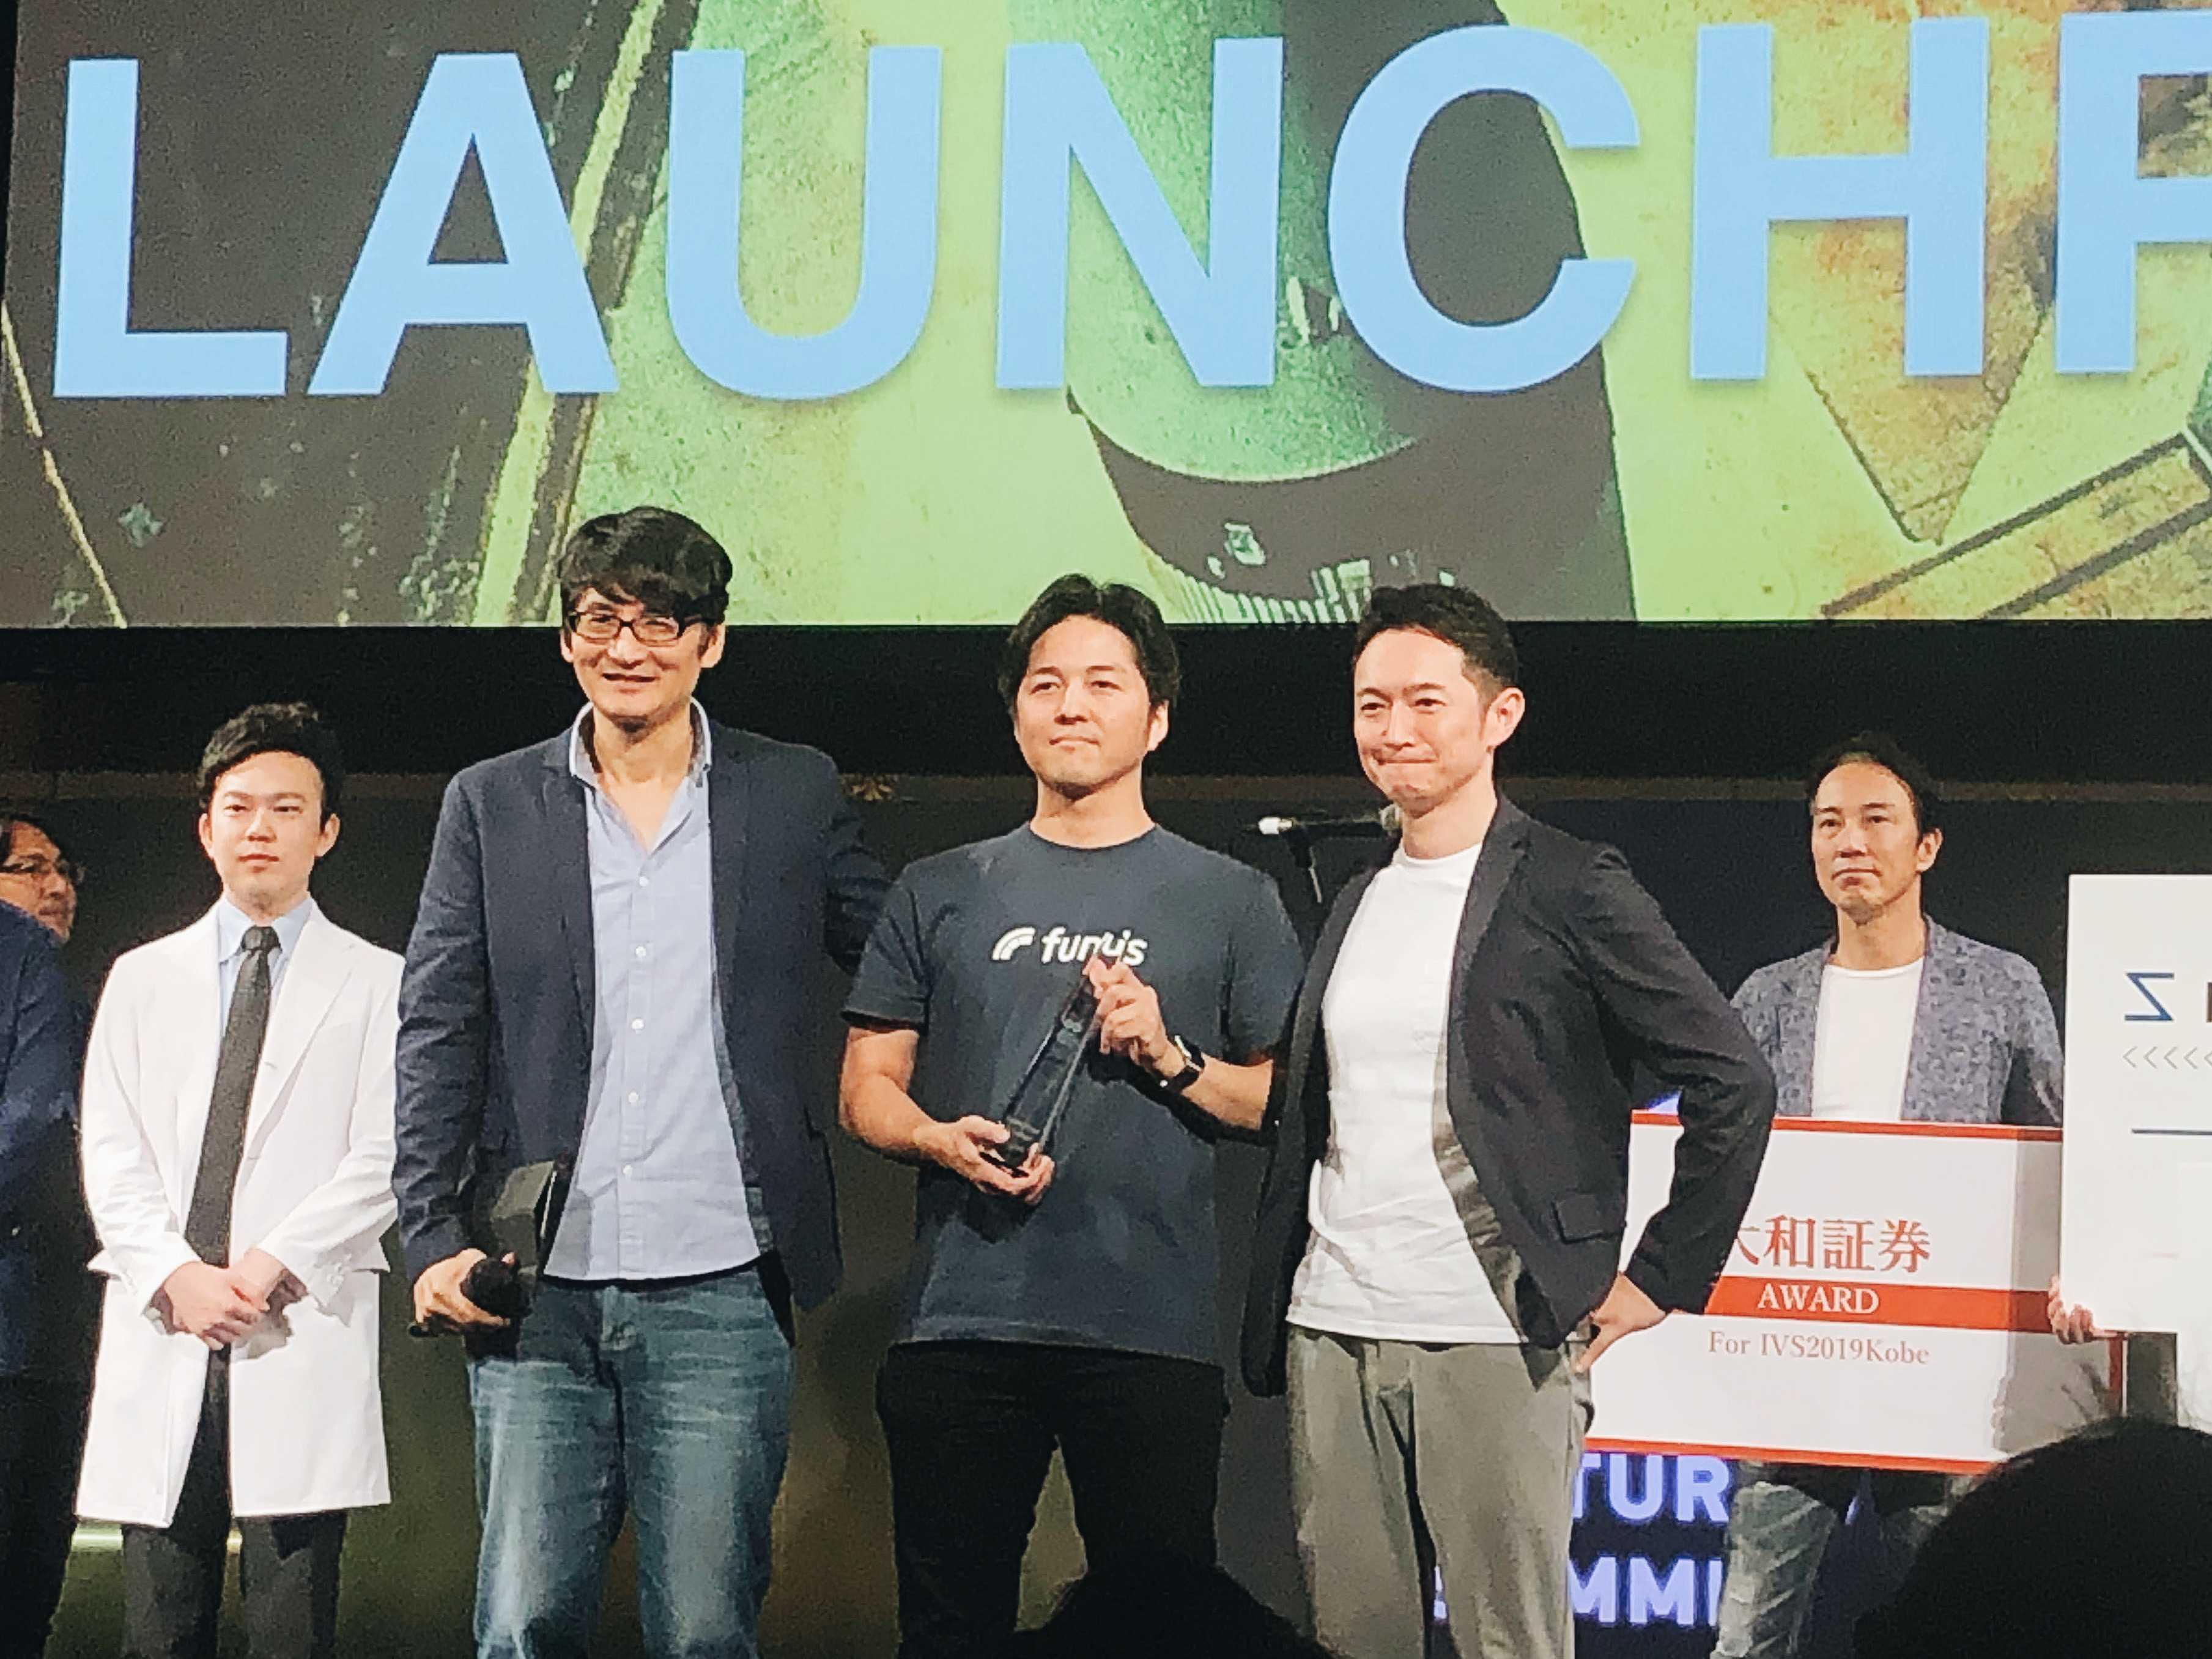 日本最大級のスタートアッププレゼンコンテスト「IVS LaunchPad」で貸付投資の「Funds(ファンズ)」が優勝